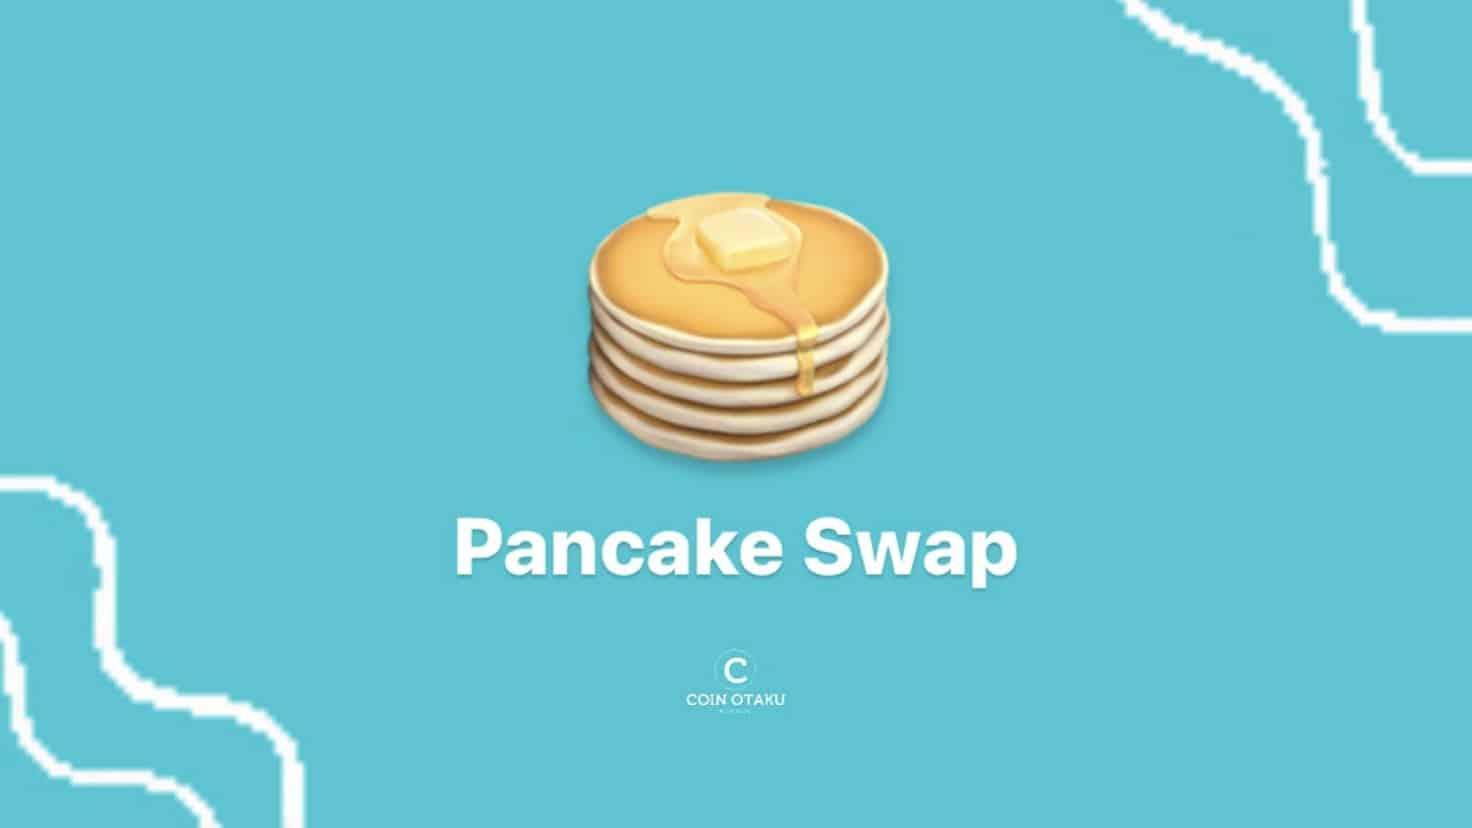 【情報量日本一】Pancake Swap(パンケーキスワップ)とは? 登録方法、使い方を徹底解説!